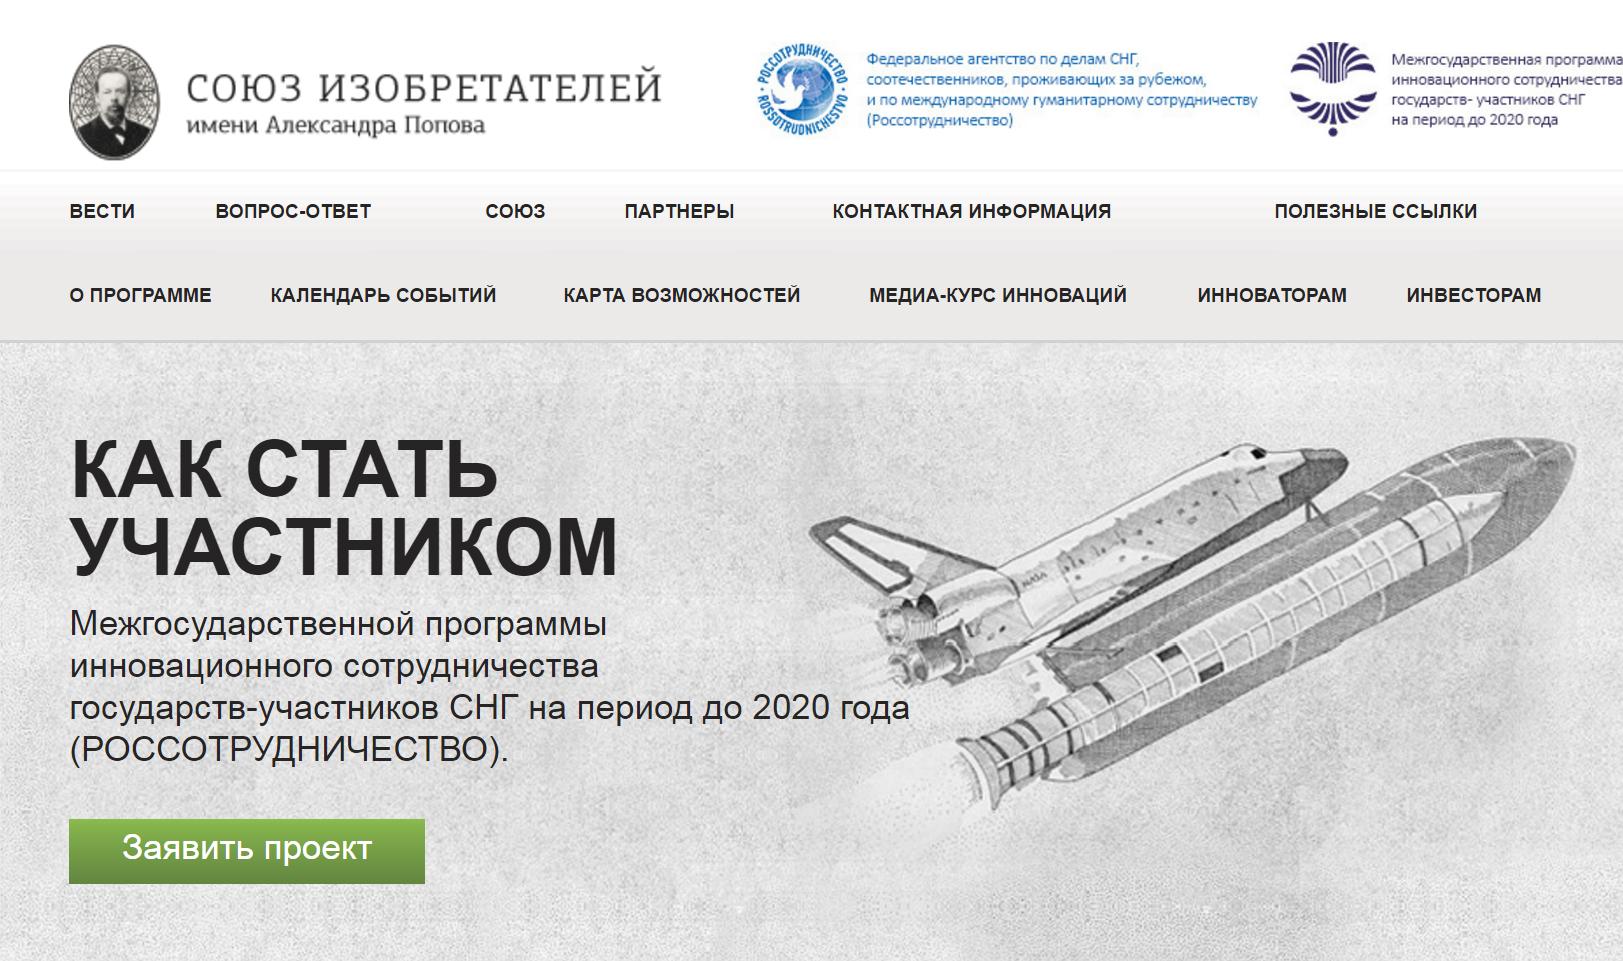 Создан специальный сайт для инноваторов стран Содружества Независимых Государств